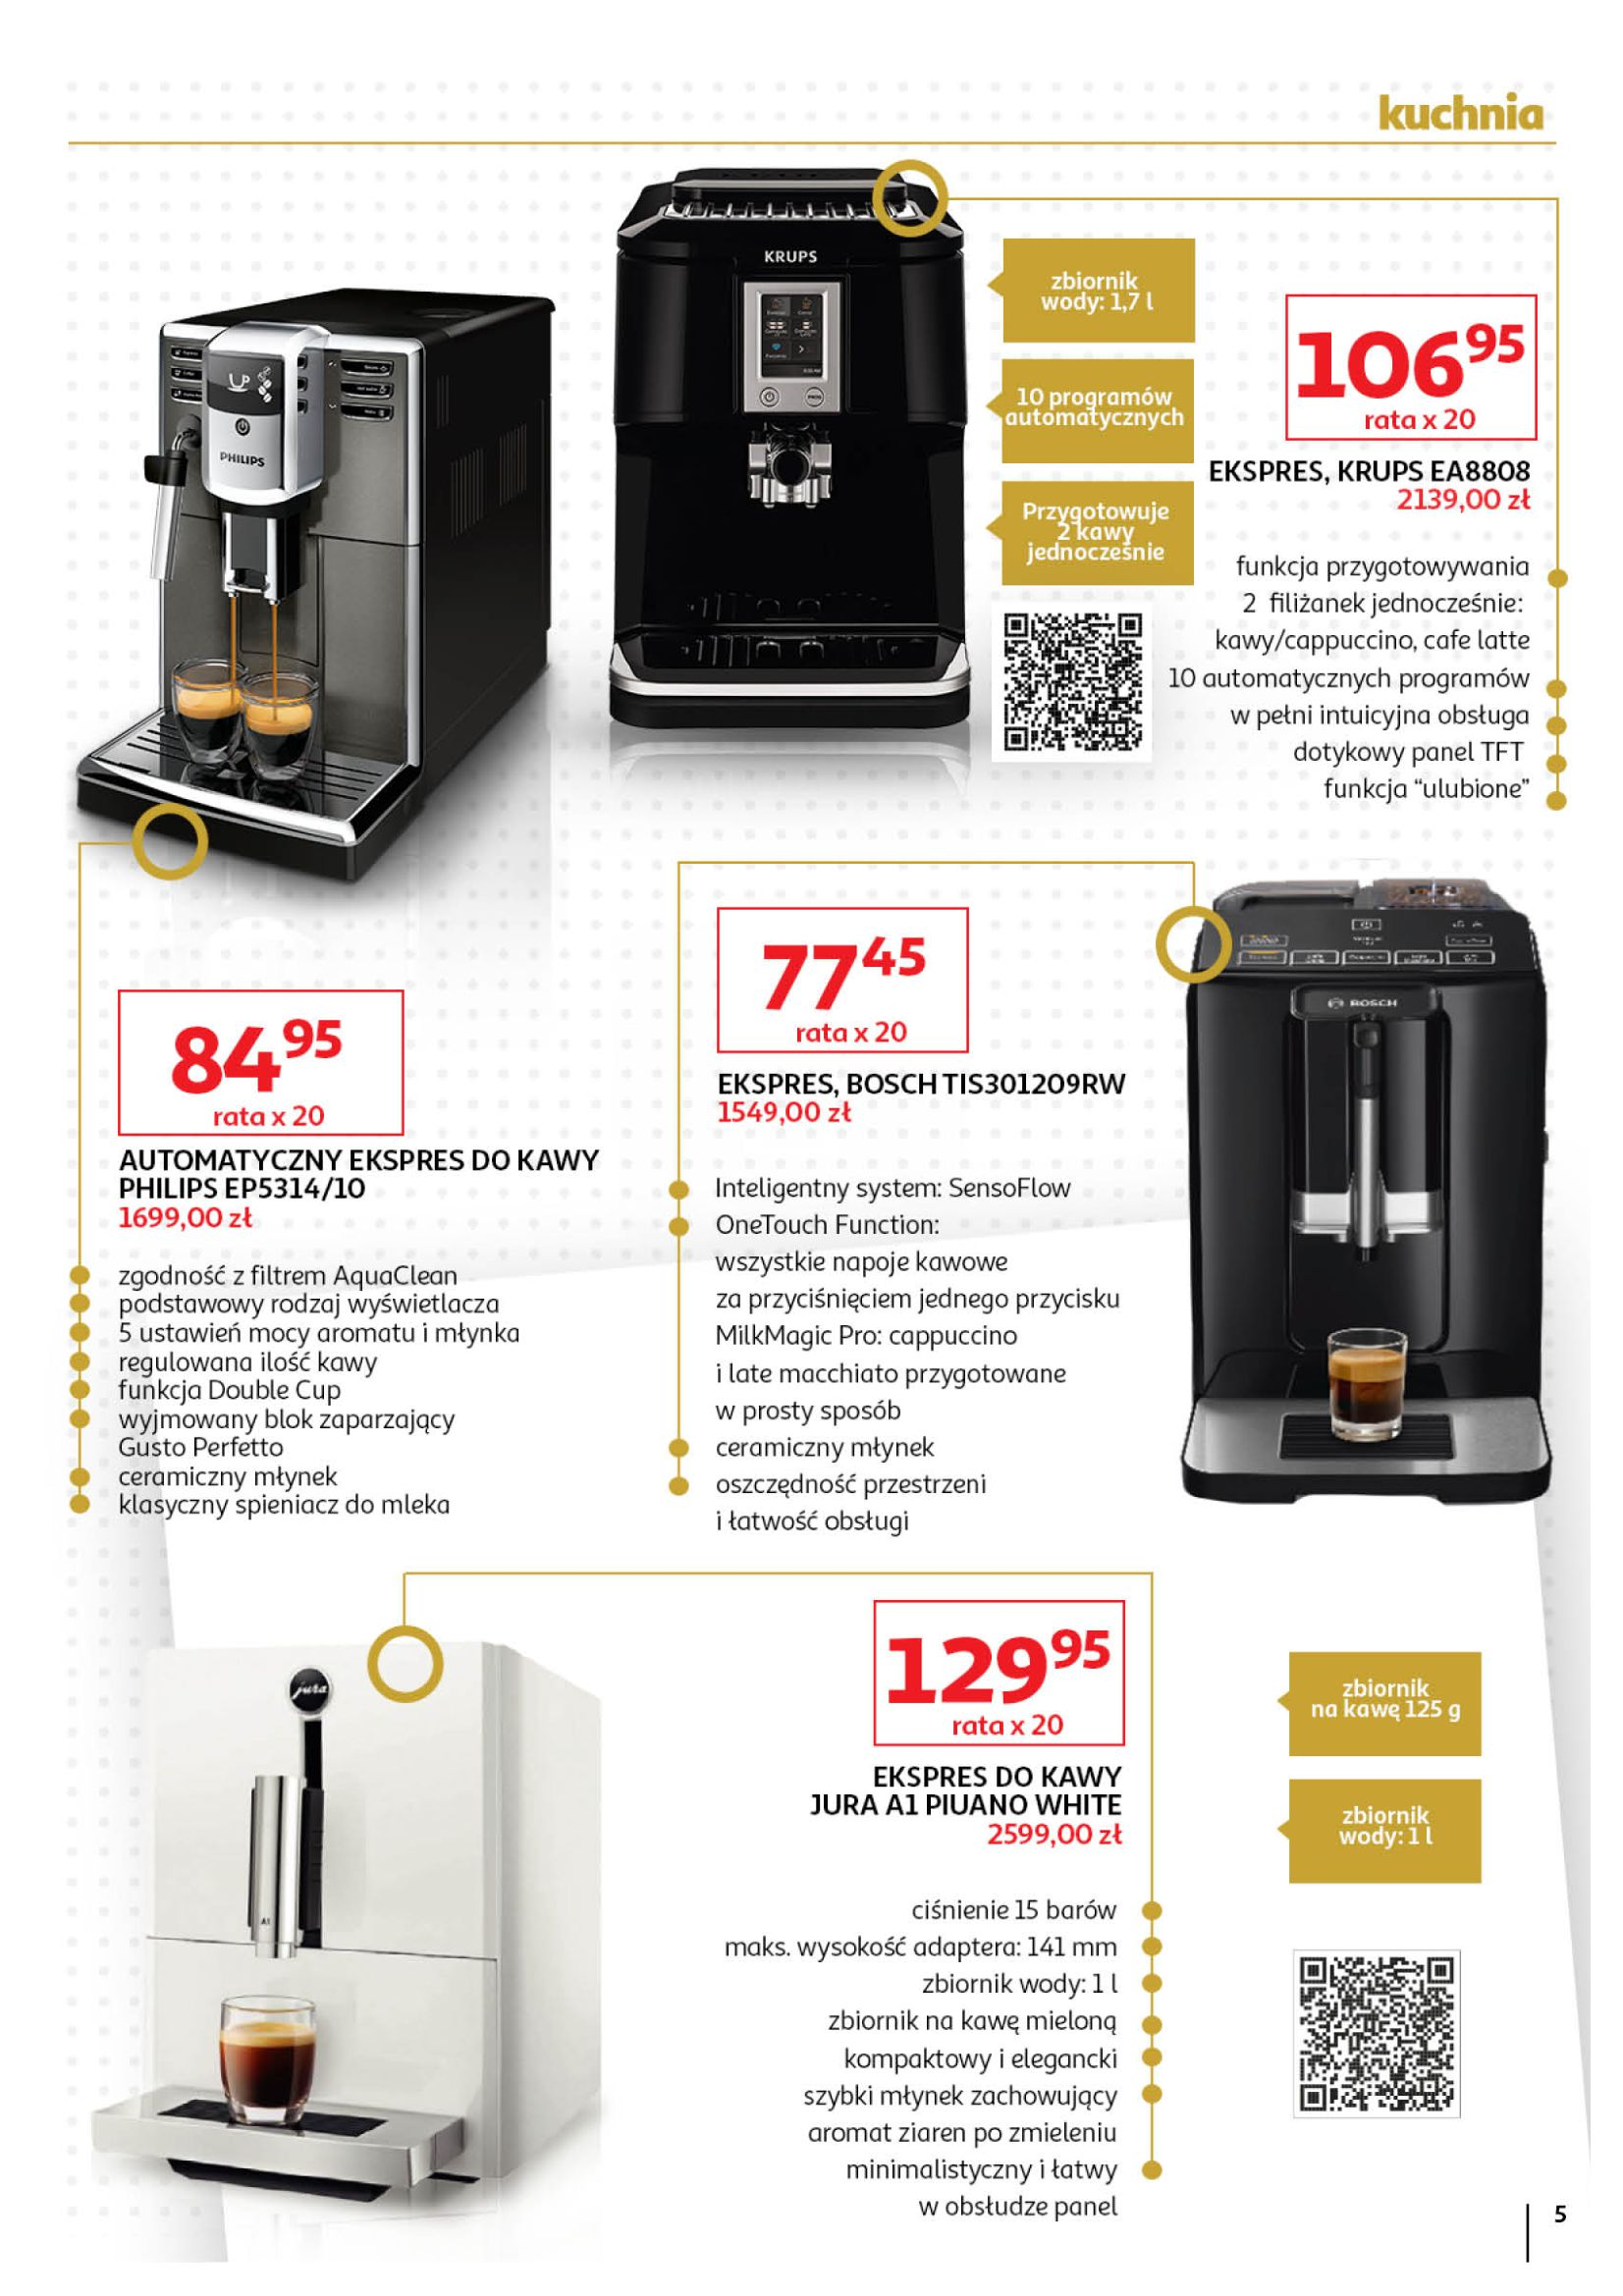 Gazetka Auchan - Oferta Auchan Premium Hipermarkety-01.11.2019-27.11.2019-page-5